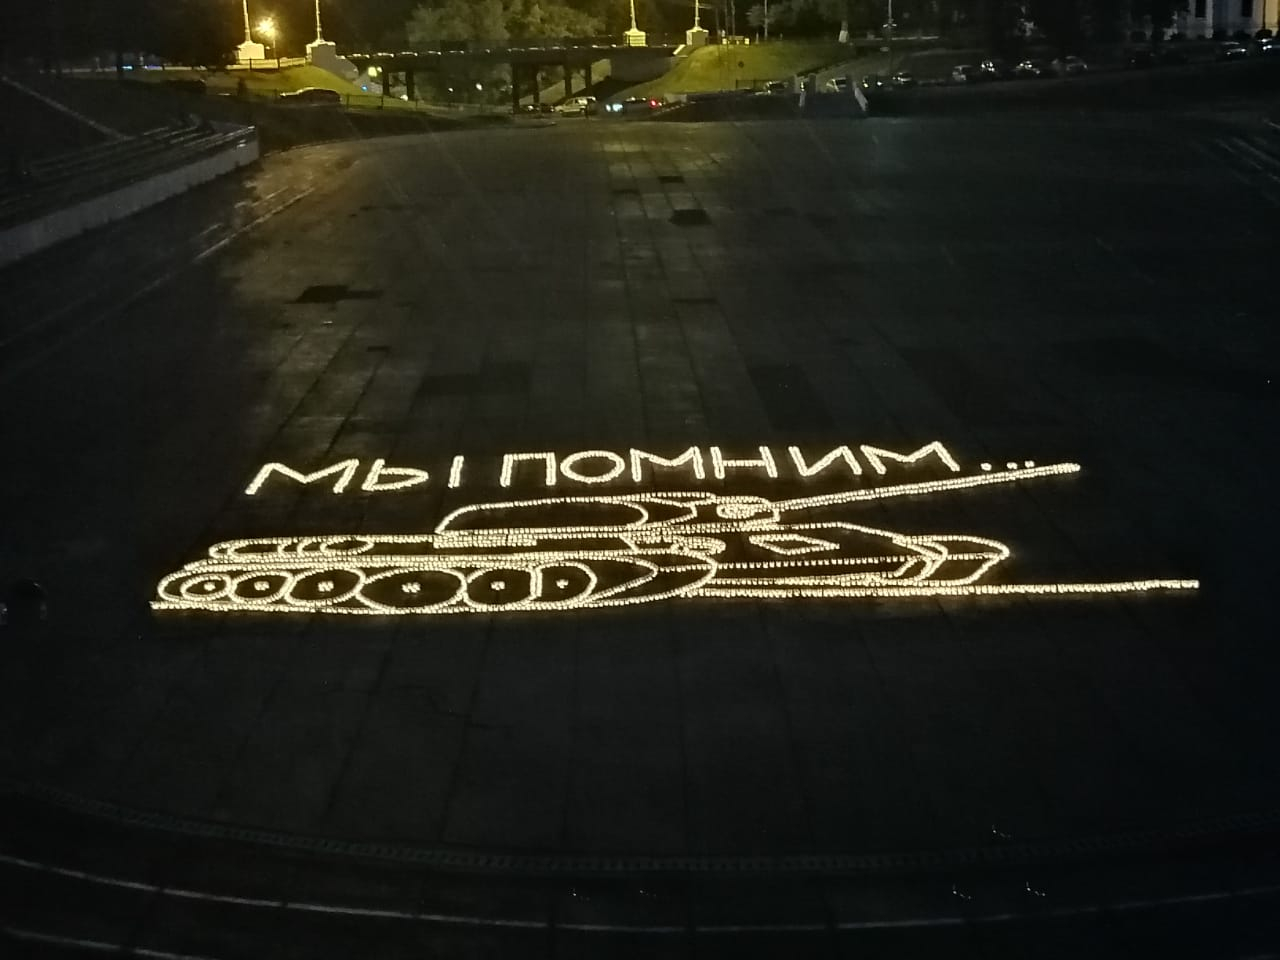 В центре Ярославля появился танк из свечей